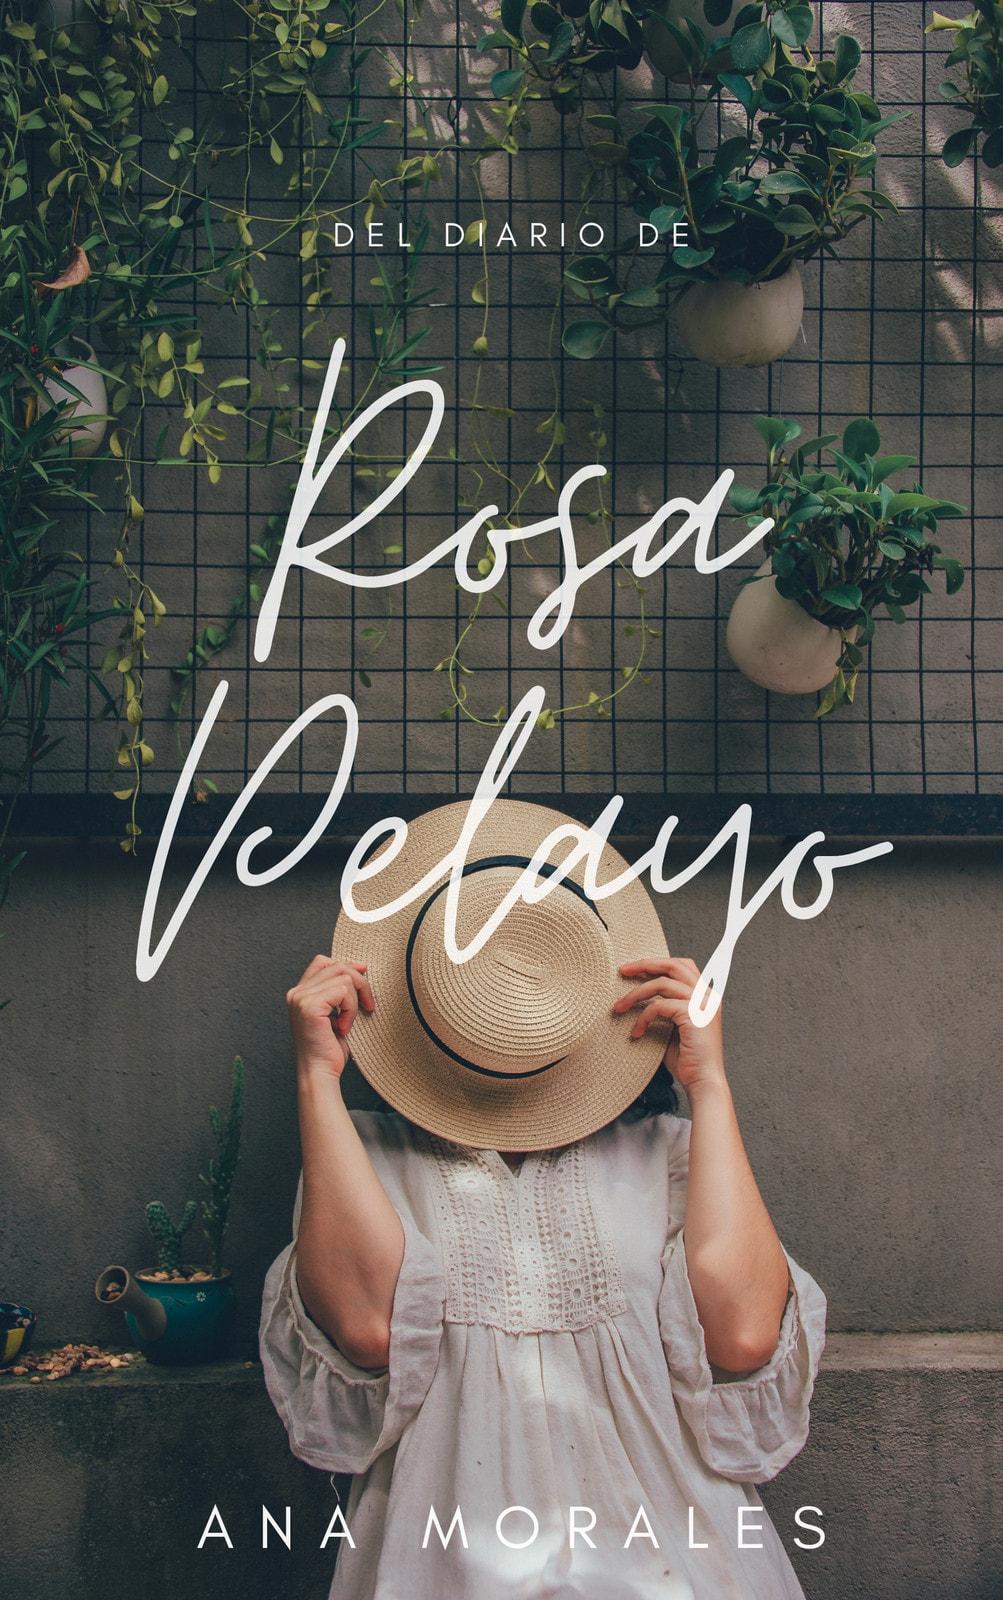 Blanco Manuscrito Superpuesto Romance/Novela Romántica Tapa de Libro